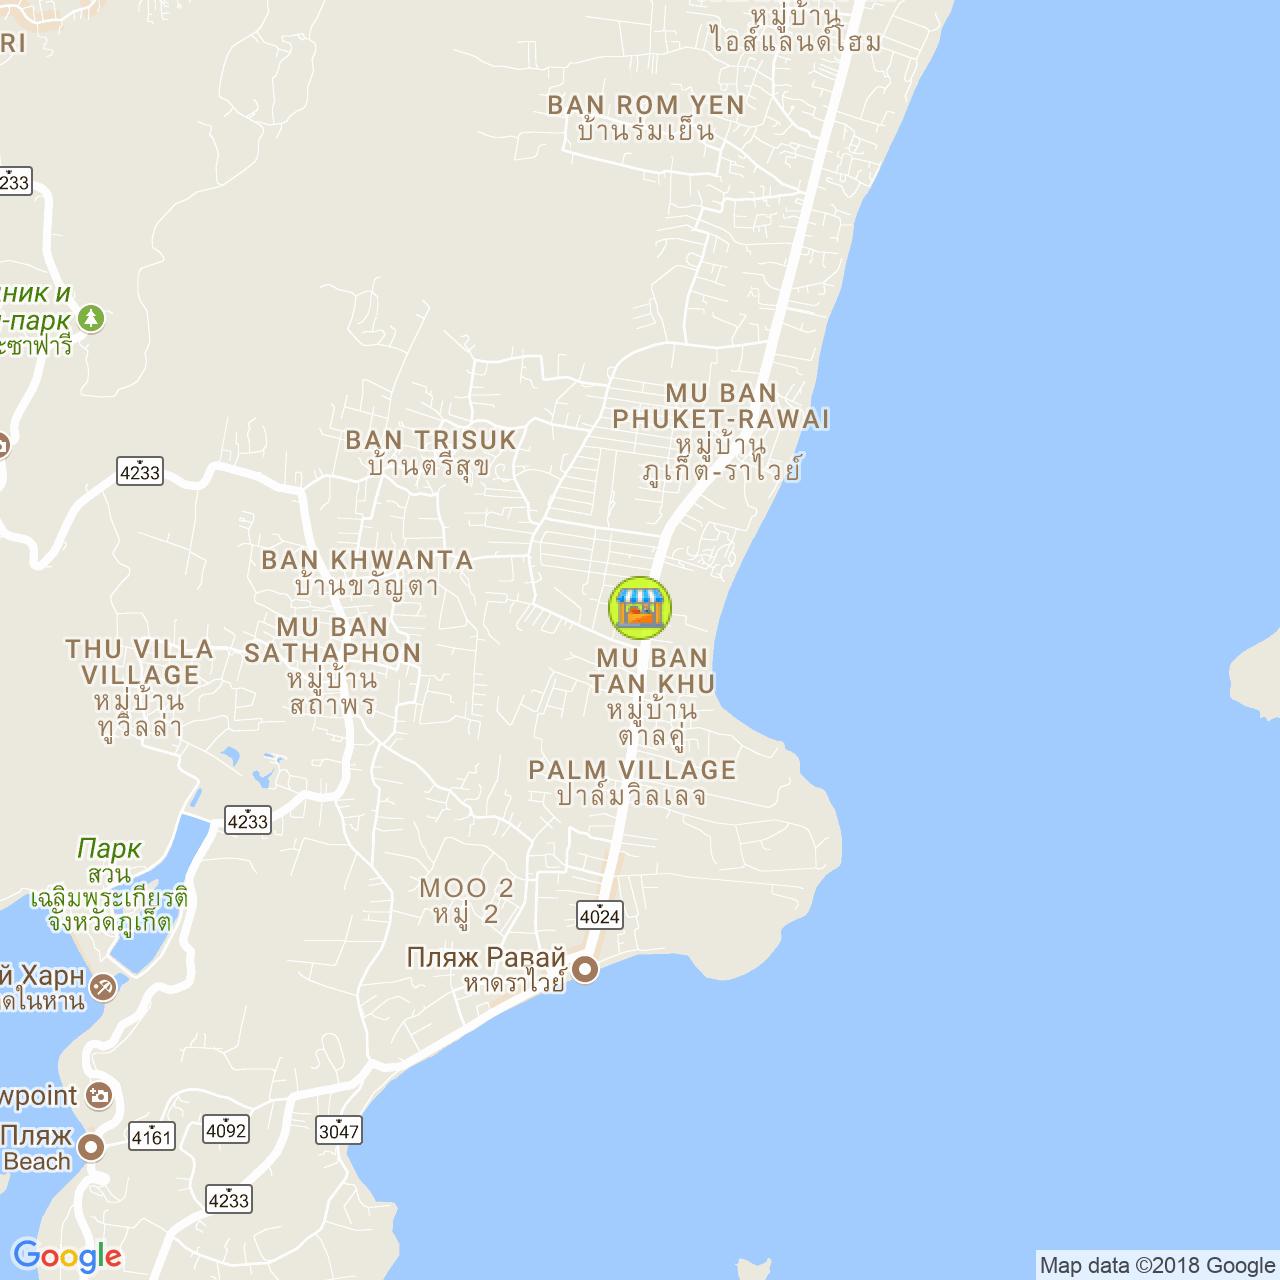 Вечерний рынок в Раваи (пн/чт) на карте Пхукета